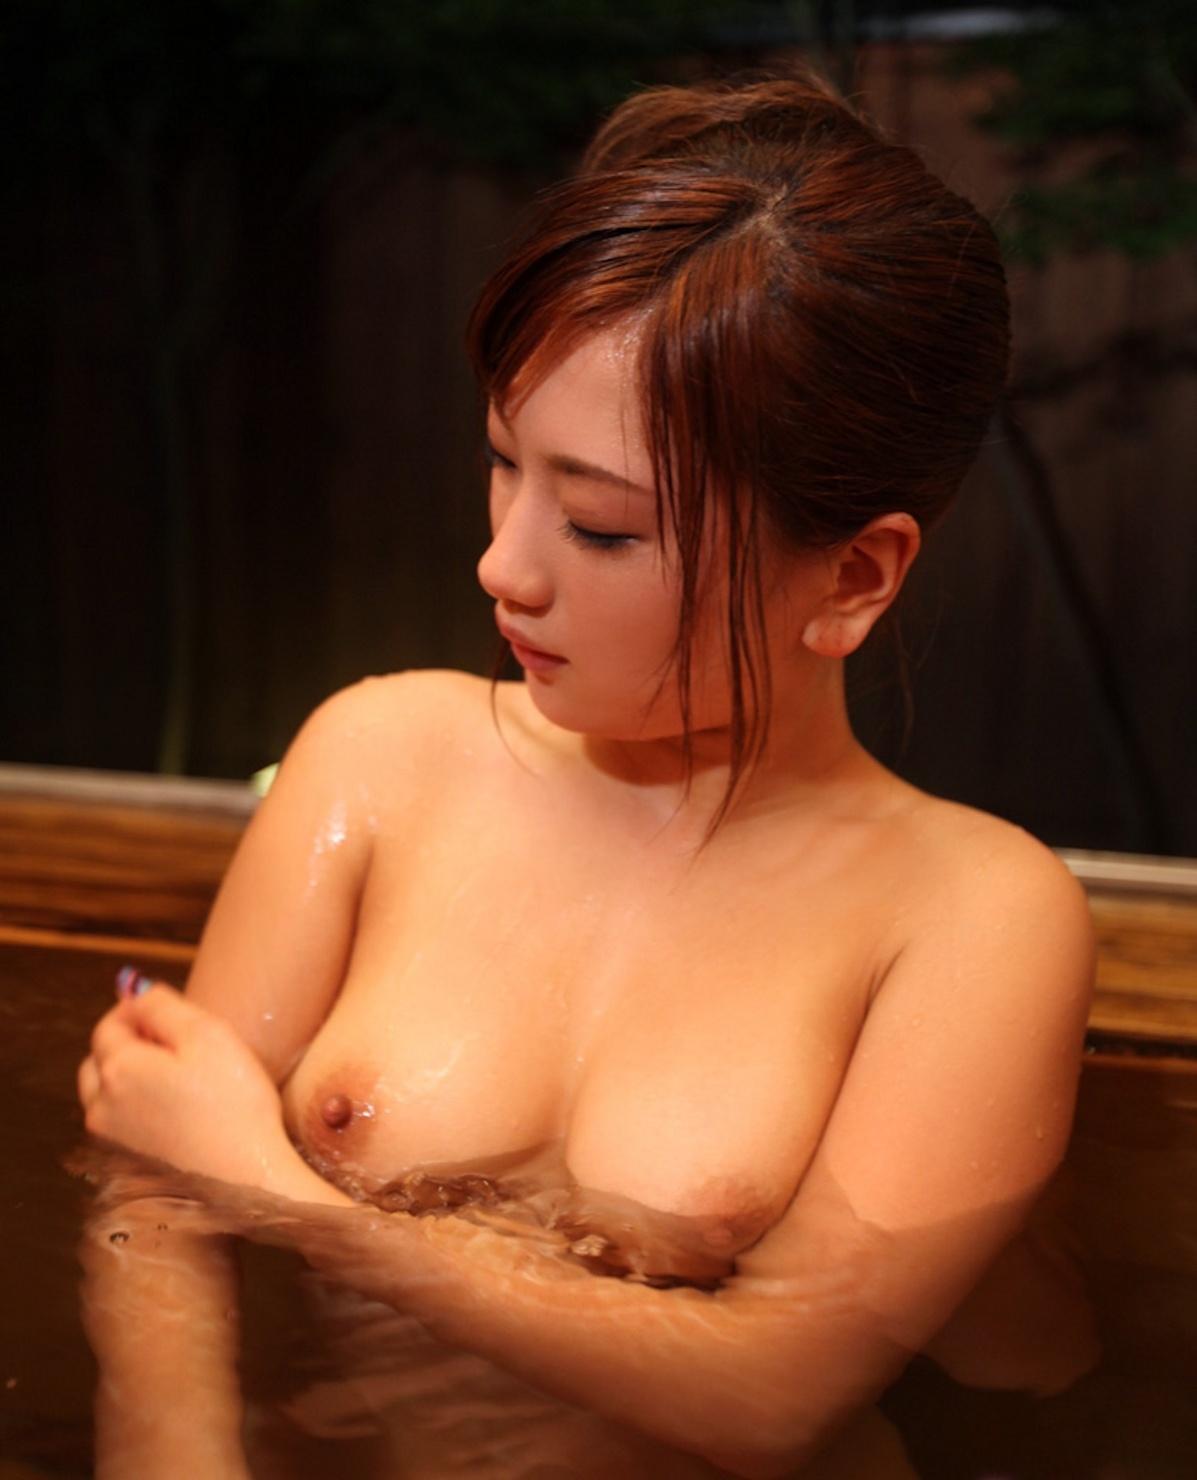 【風呂エロ画像】寒い季節じゃなくても女の子と風呂入りたくなるもんだなwww 20